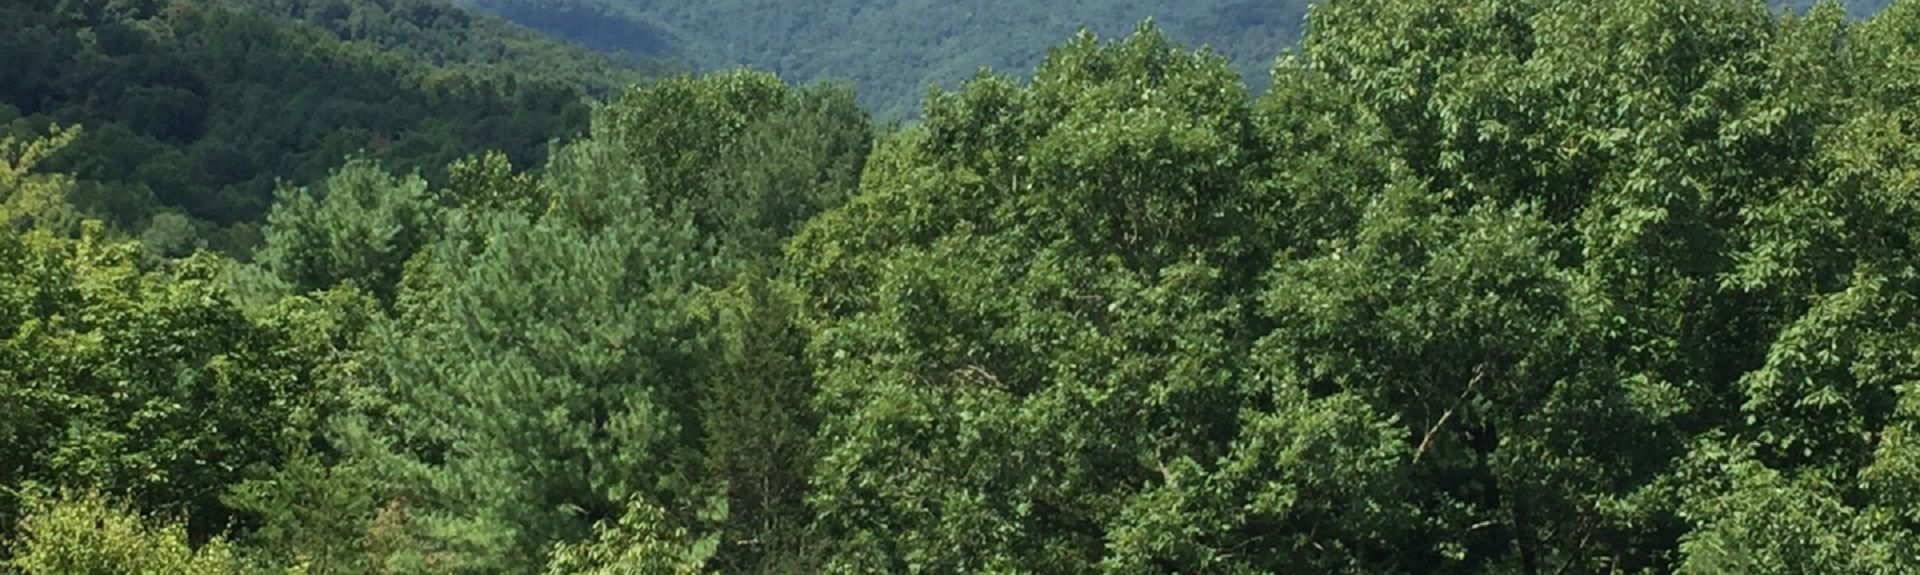 Crozet, Virgínia, Estados Unidos